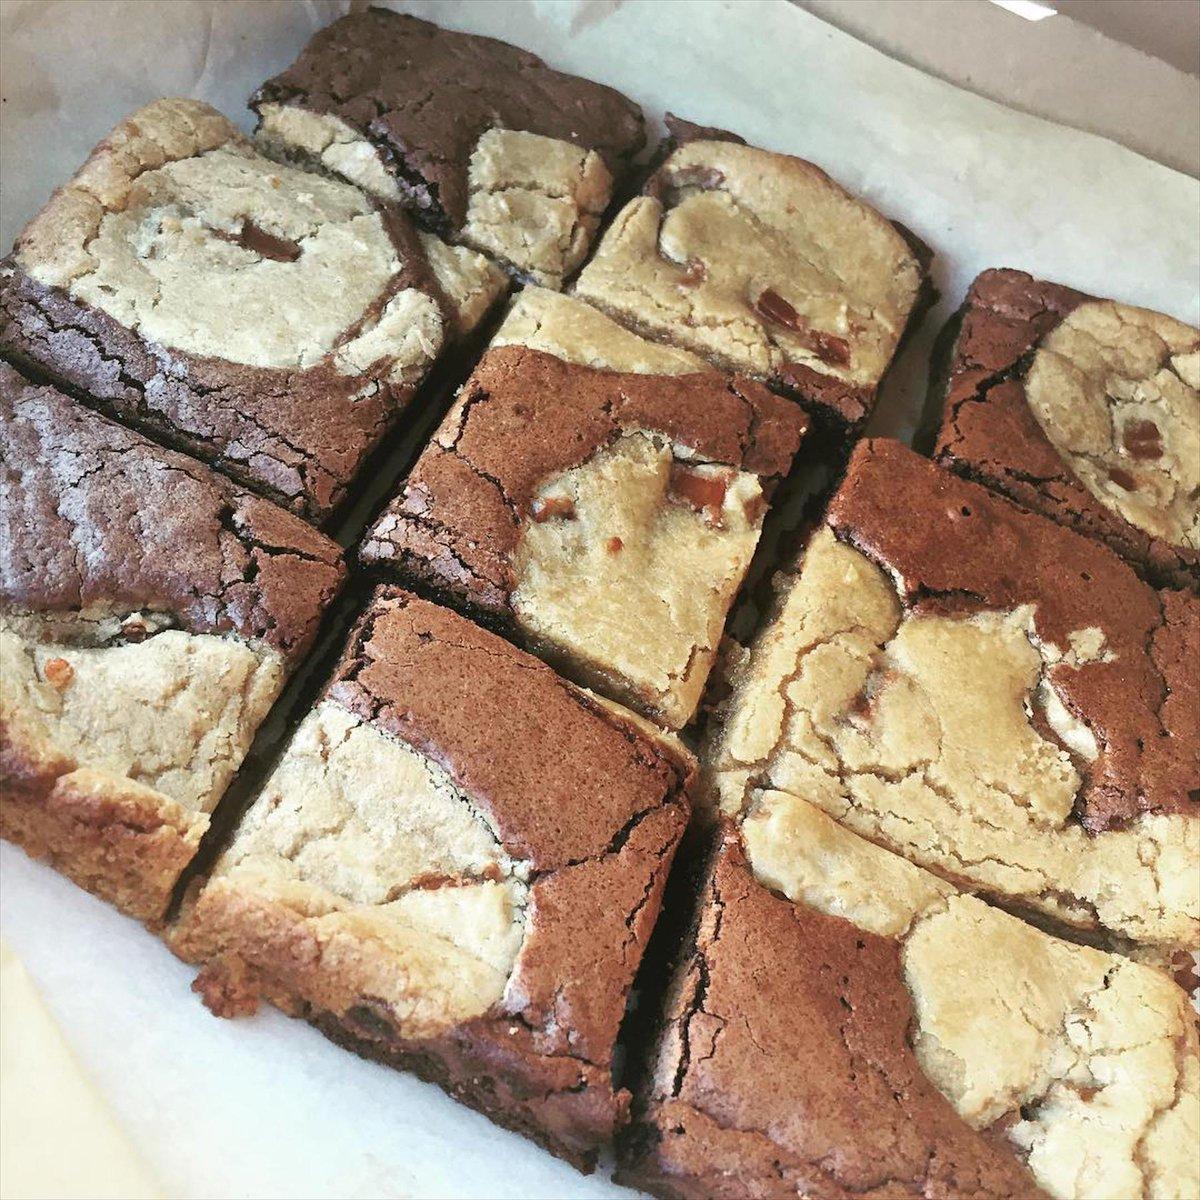 Domino S Marbled Cookie Brownie Ingredients